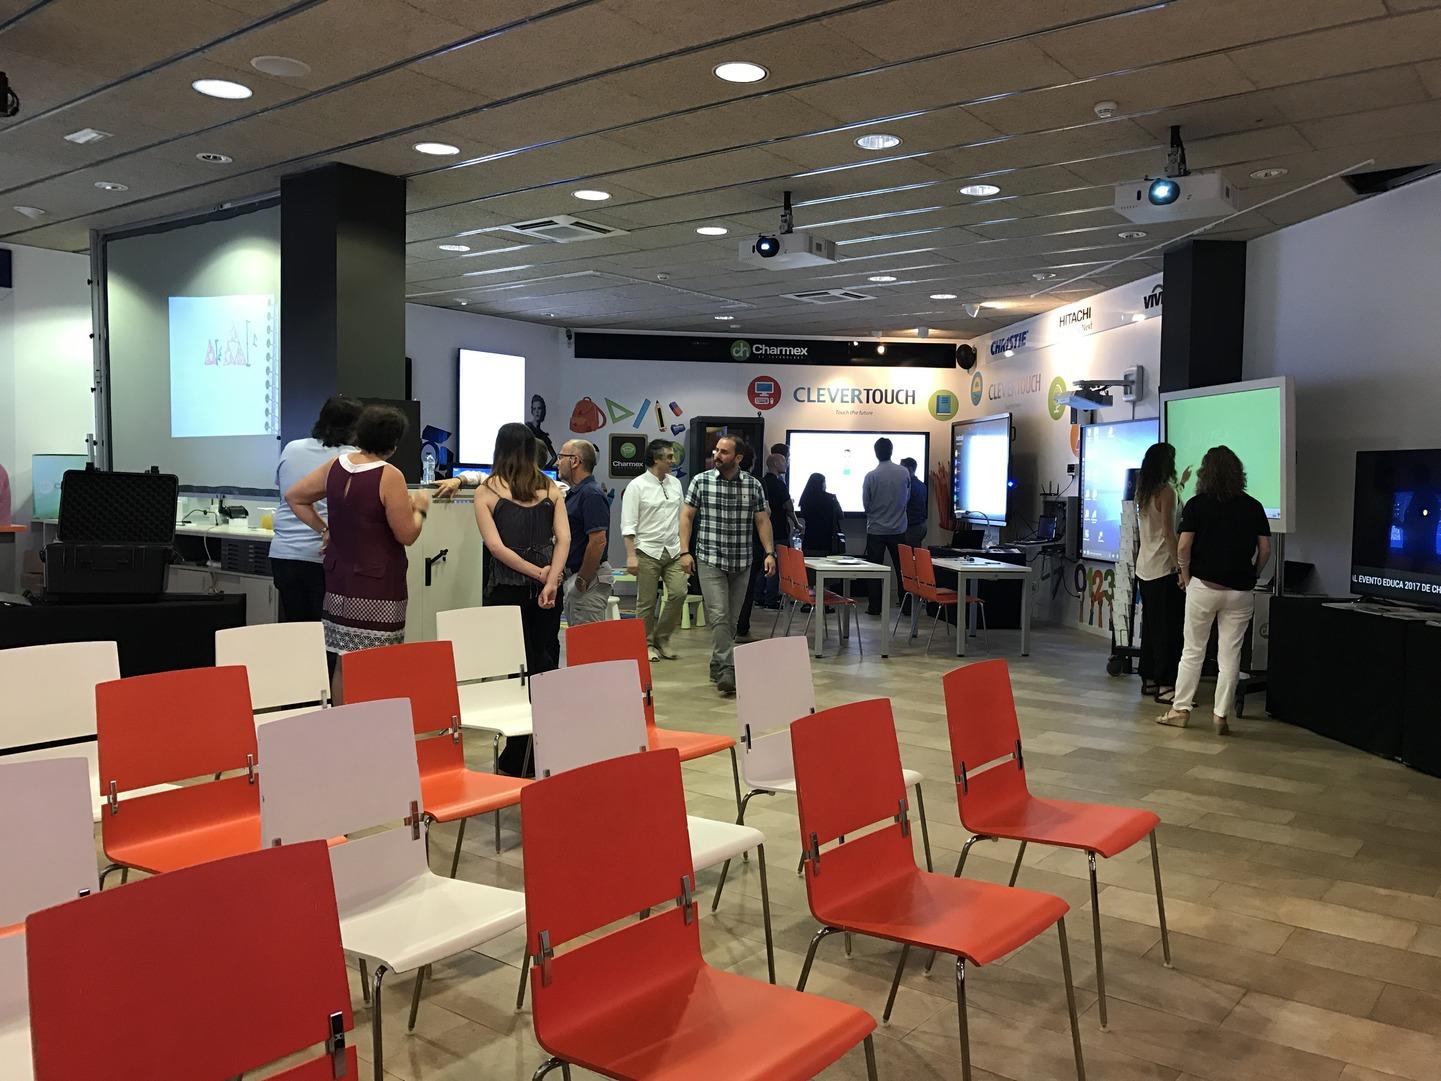 Charmex muestra las últimas soluciones AV para el sector educativo en su showroom de Barcelona